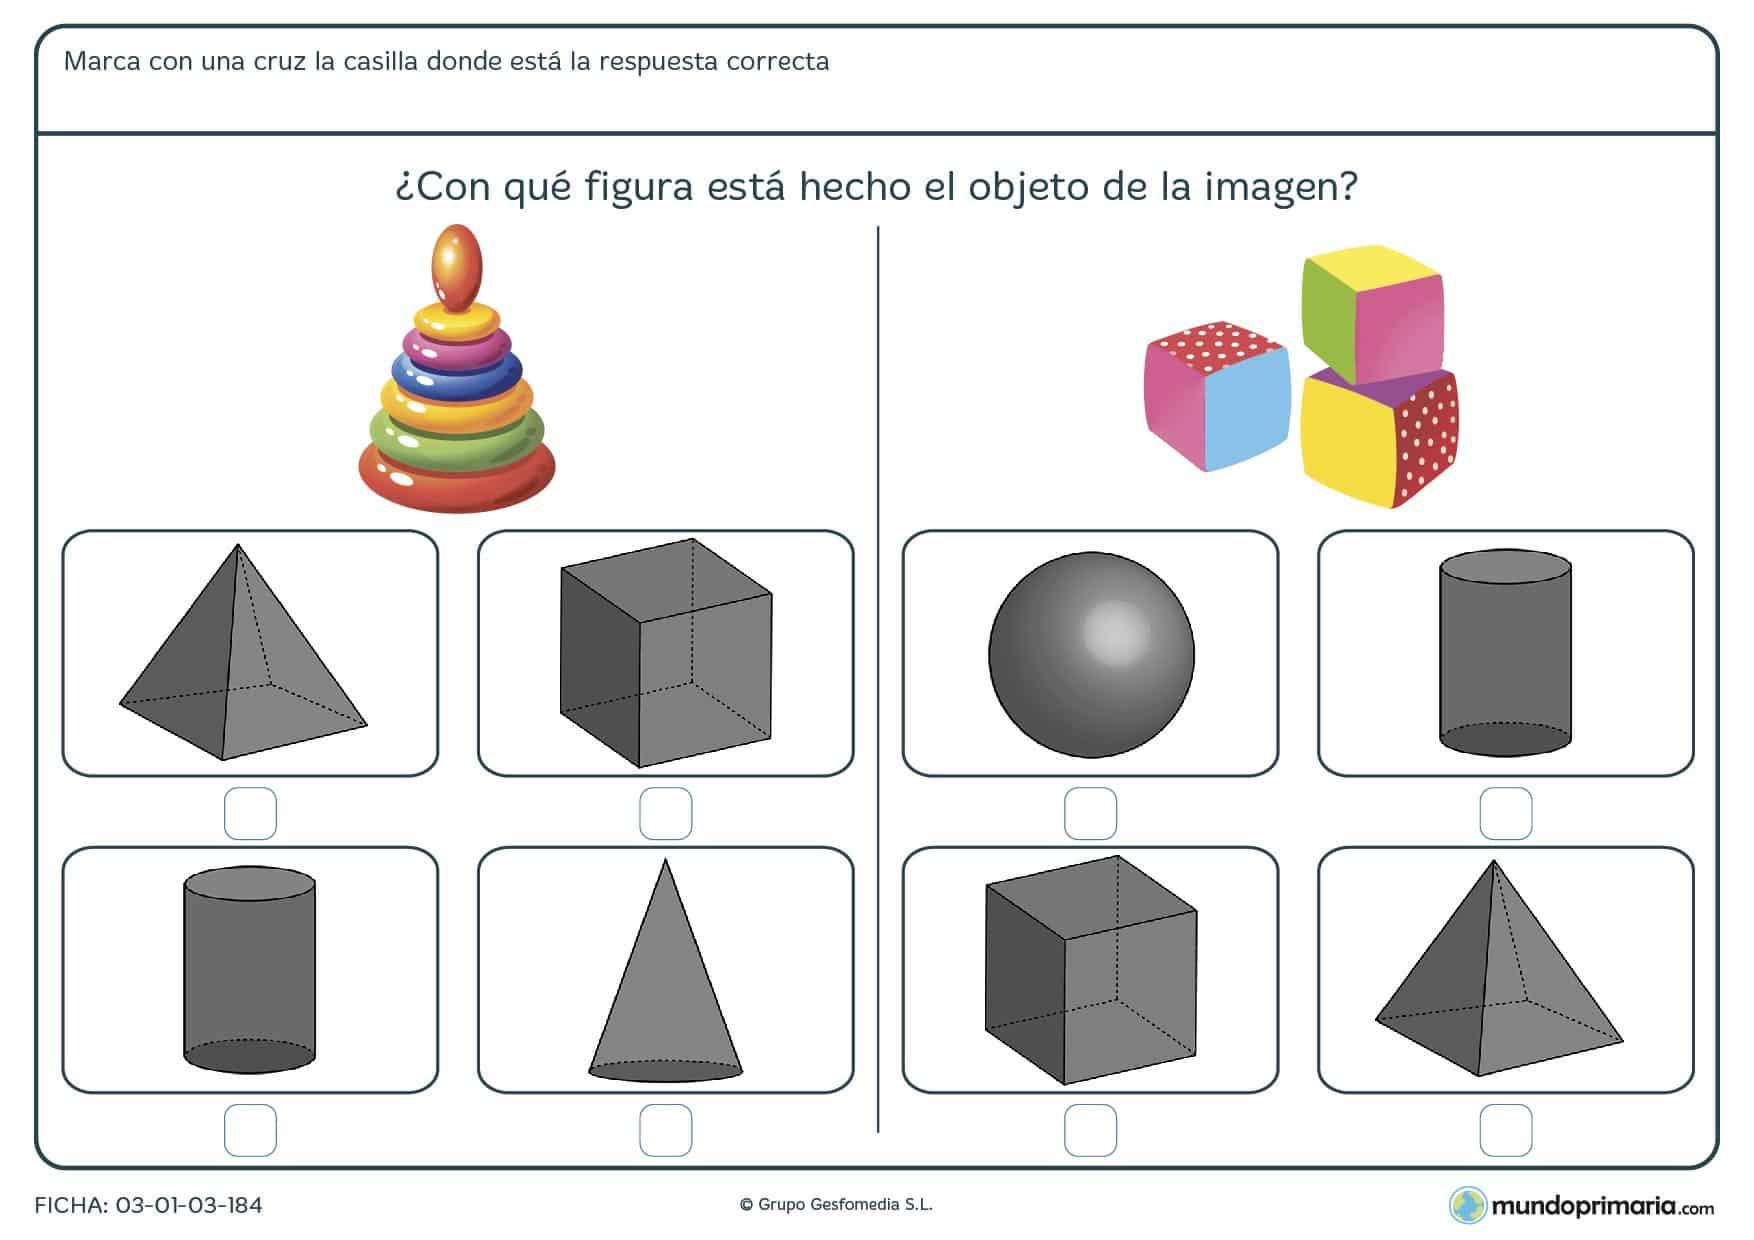 Ficha de volúmenes con ejercicios para diferenciar conceptos en primaria